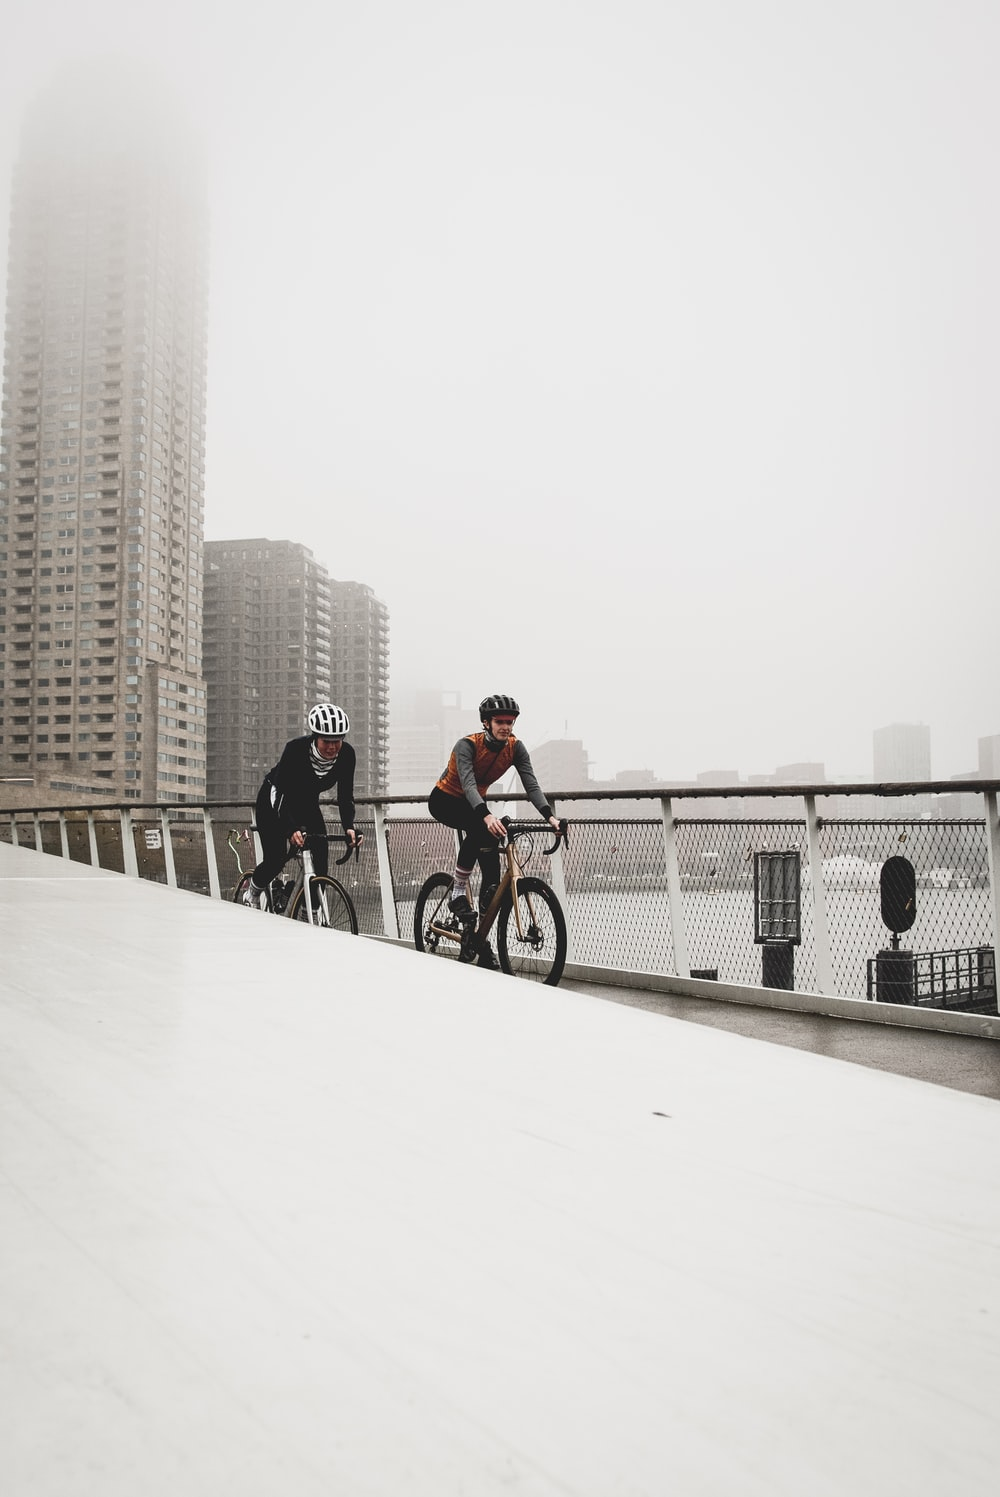 two men riding on bicycle on bridge at daytime